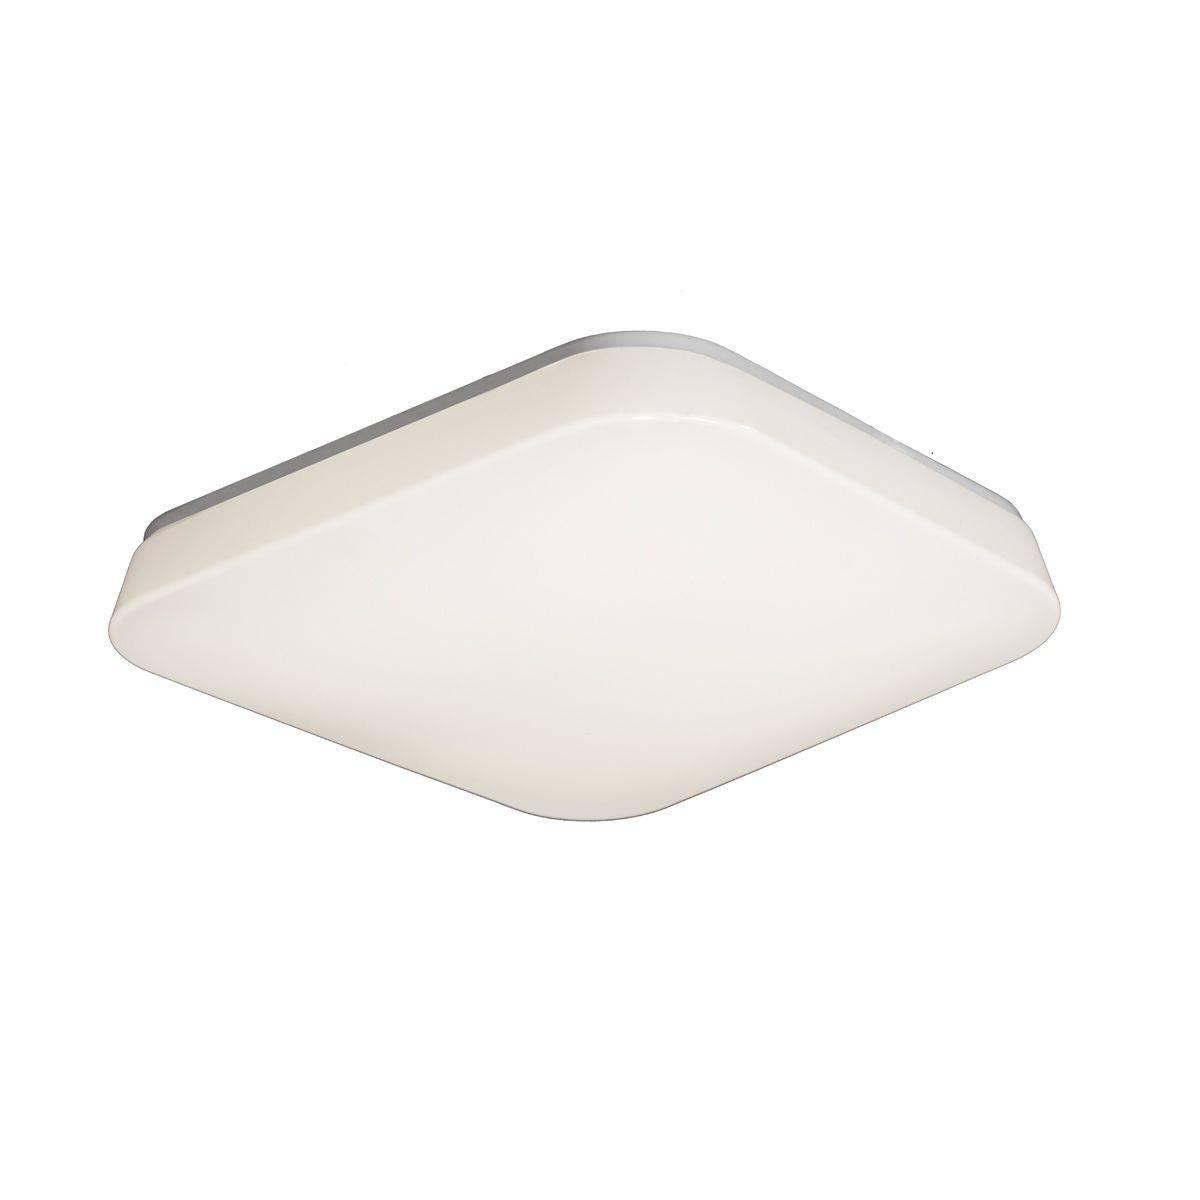 Потолочный светильник Mantra Quatro 3765 mantra quatro 3765